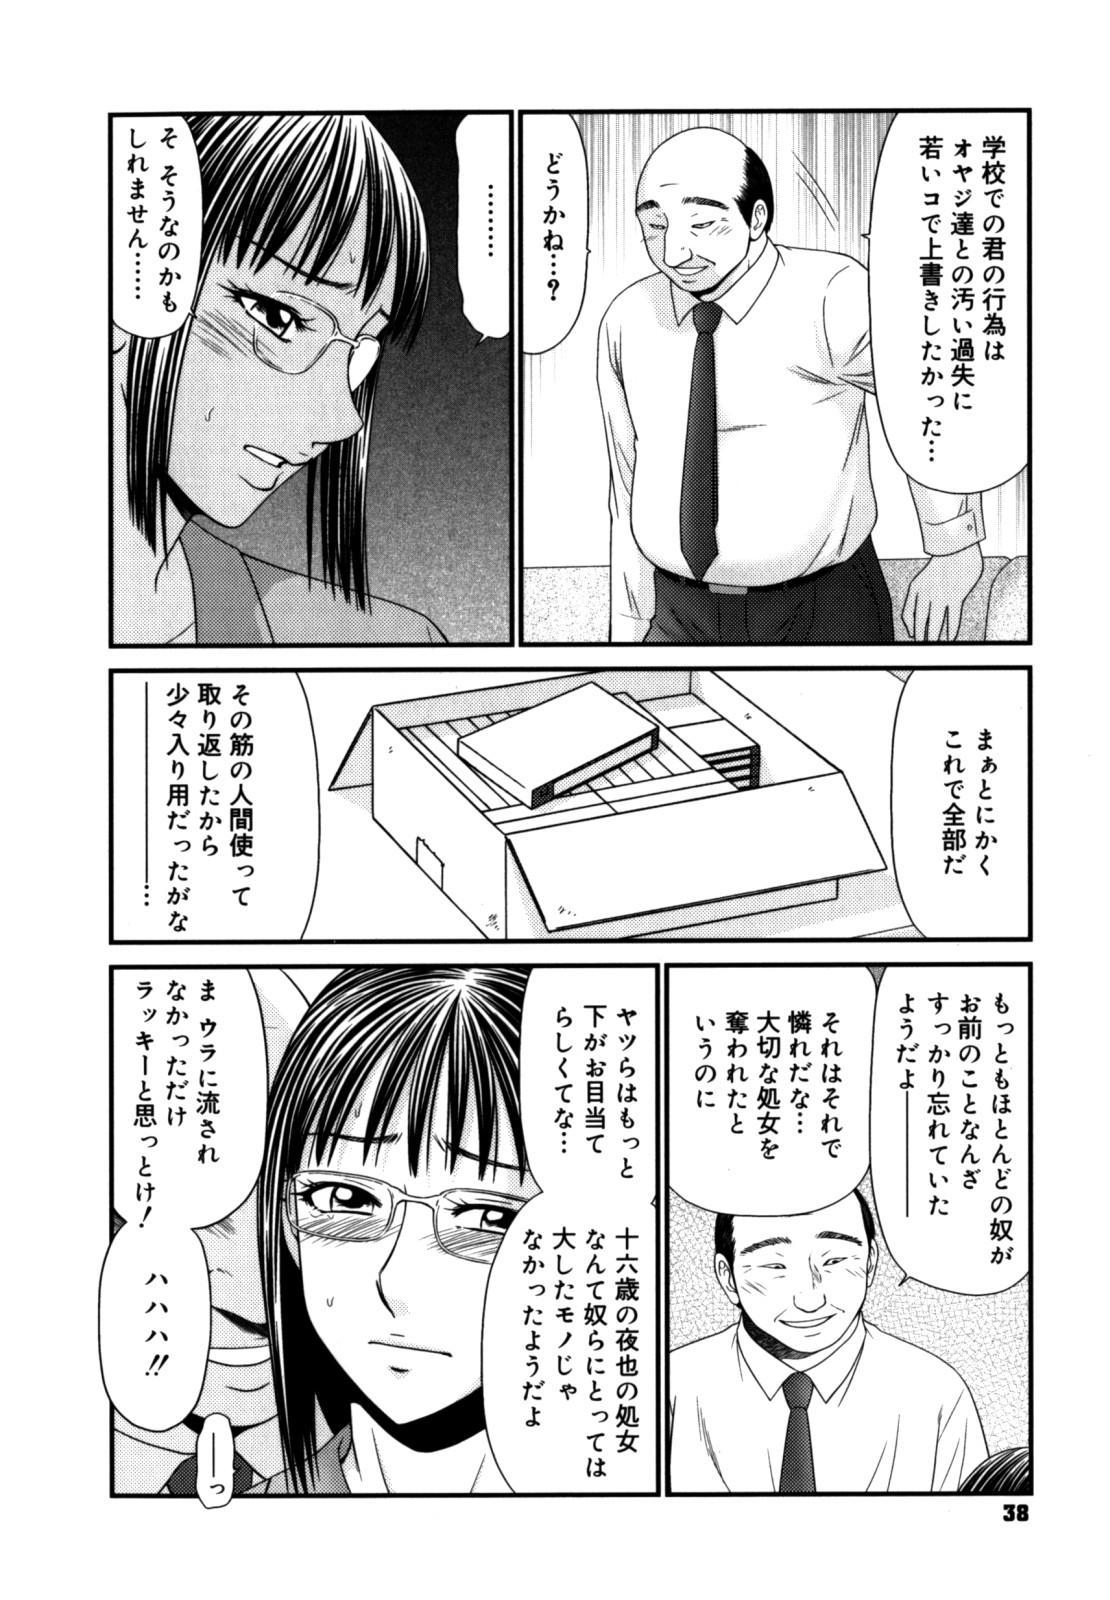 Gakuen no Mushikera 2 37